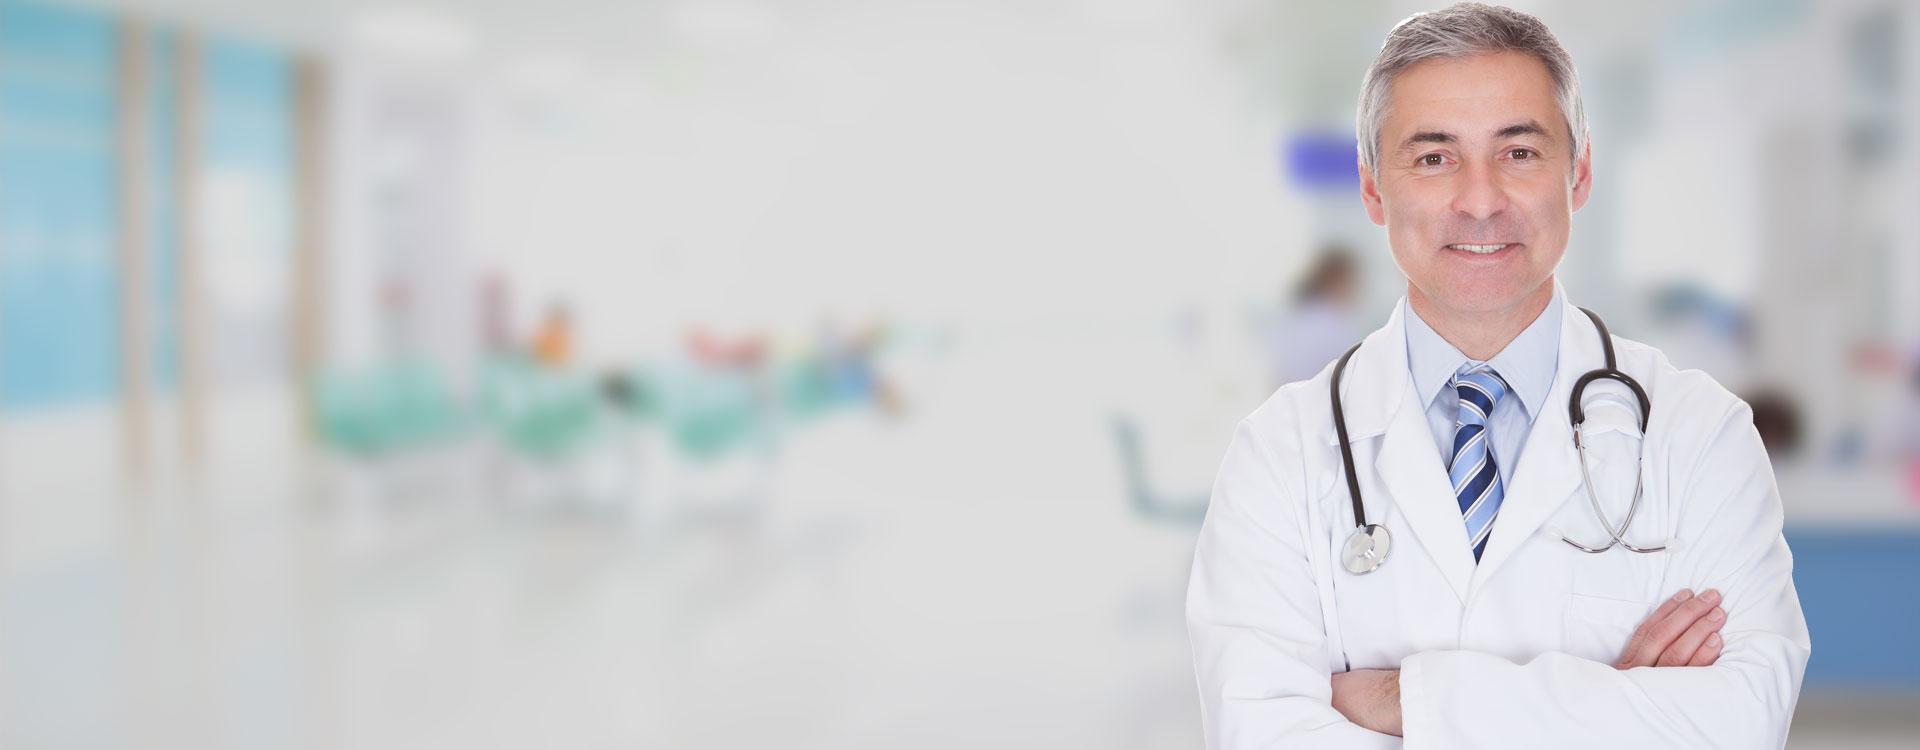 vrnjacka banja ginekolog